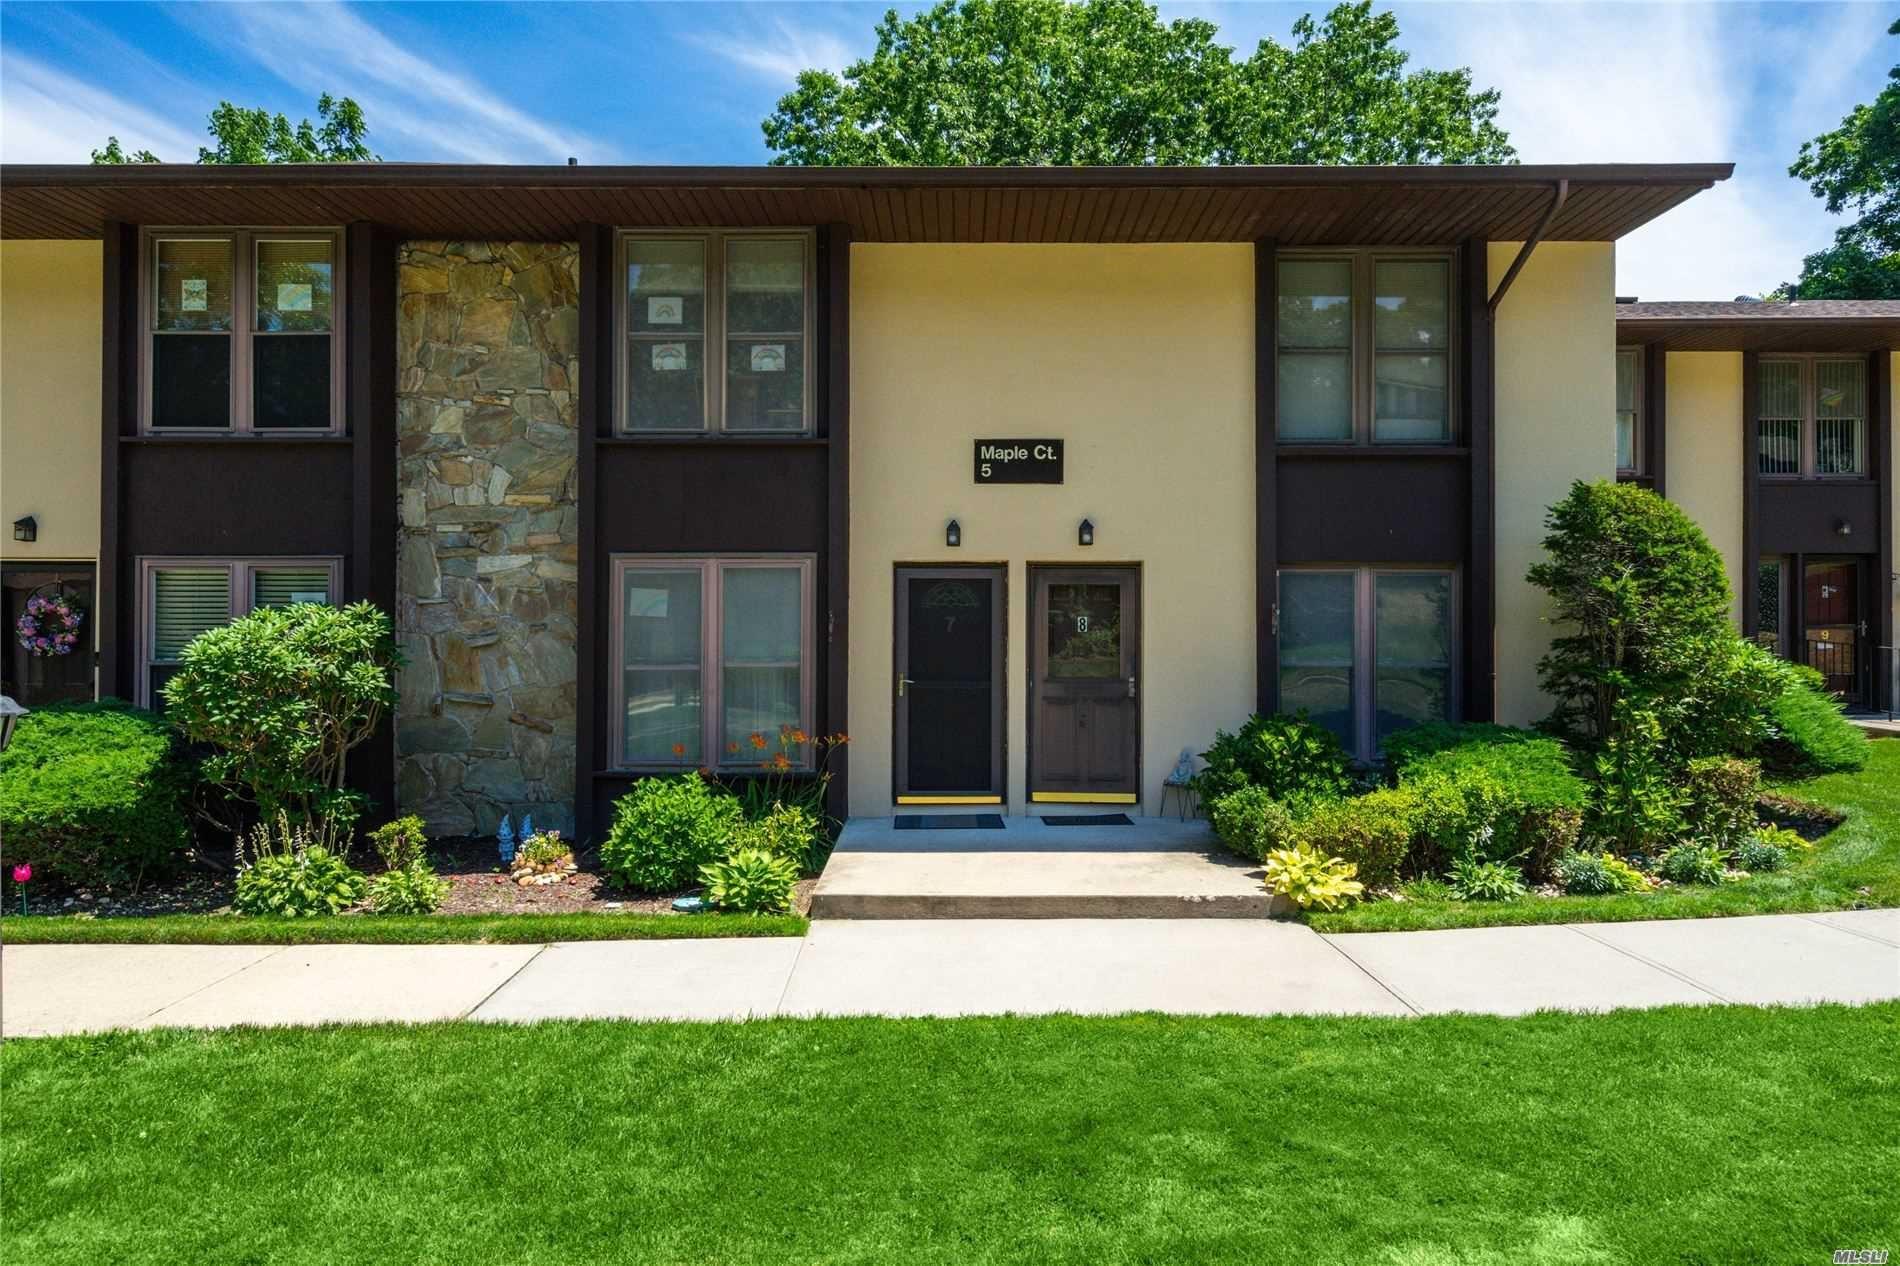 7 Maple Court, Selden, NY 11784 - MLS#: 3230471